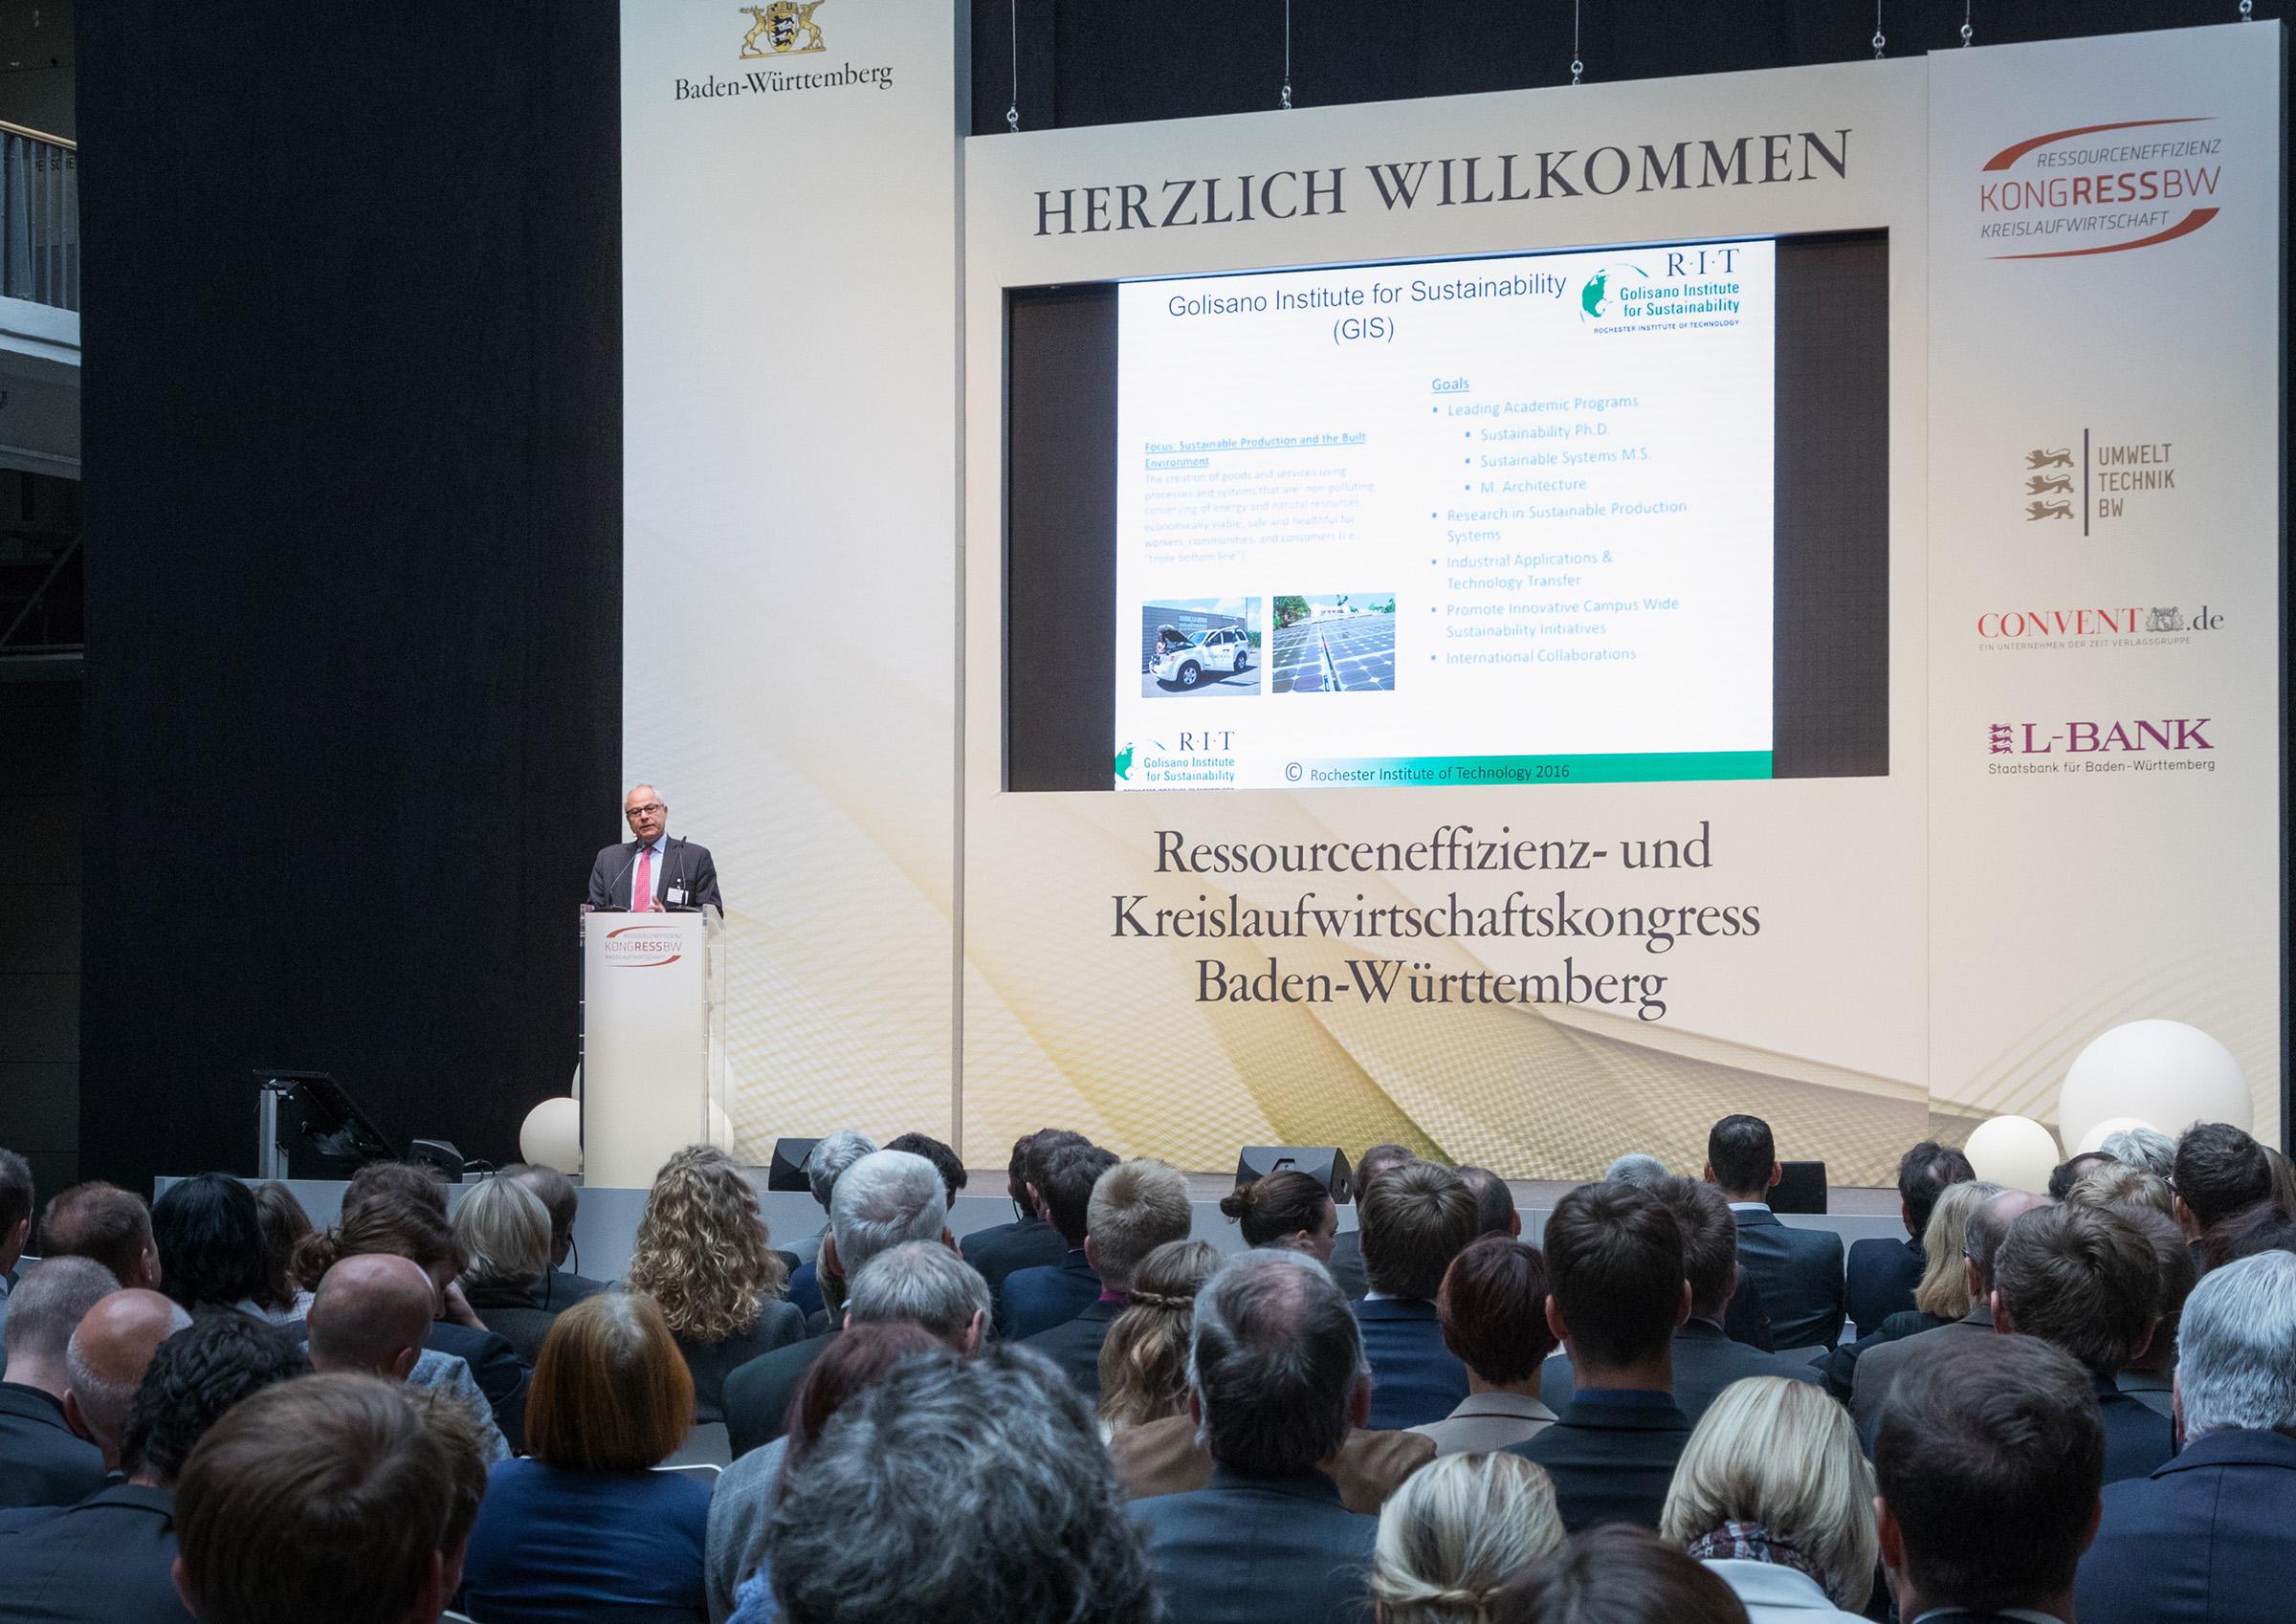 Nabil Nasr presenting at Karlsruhe